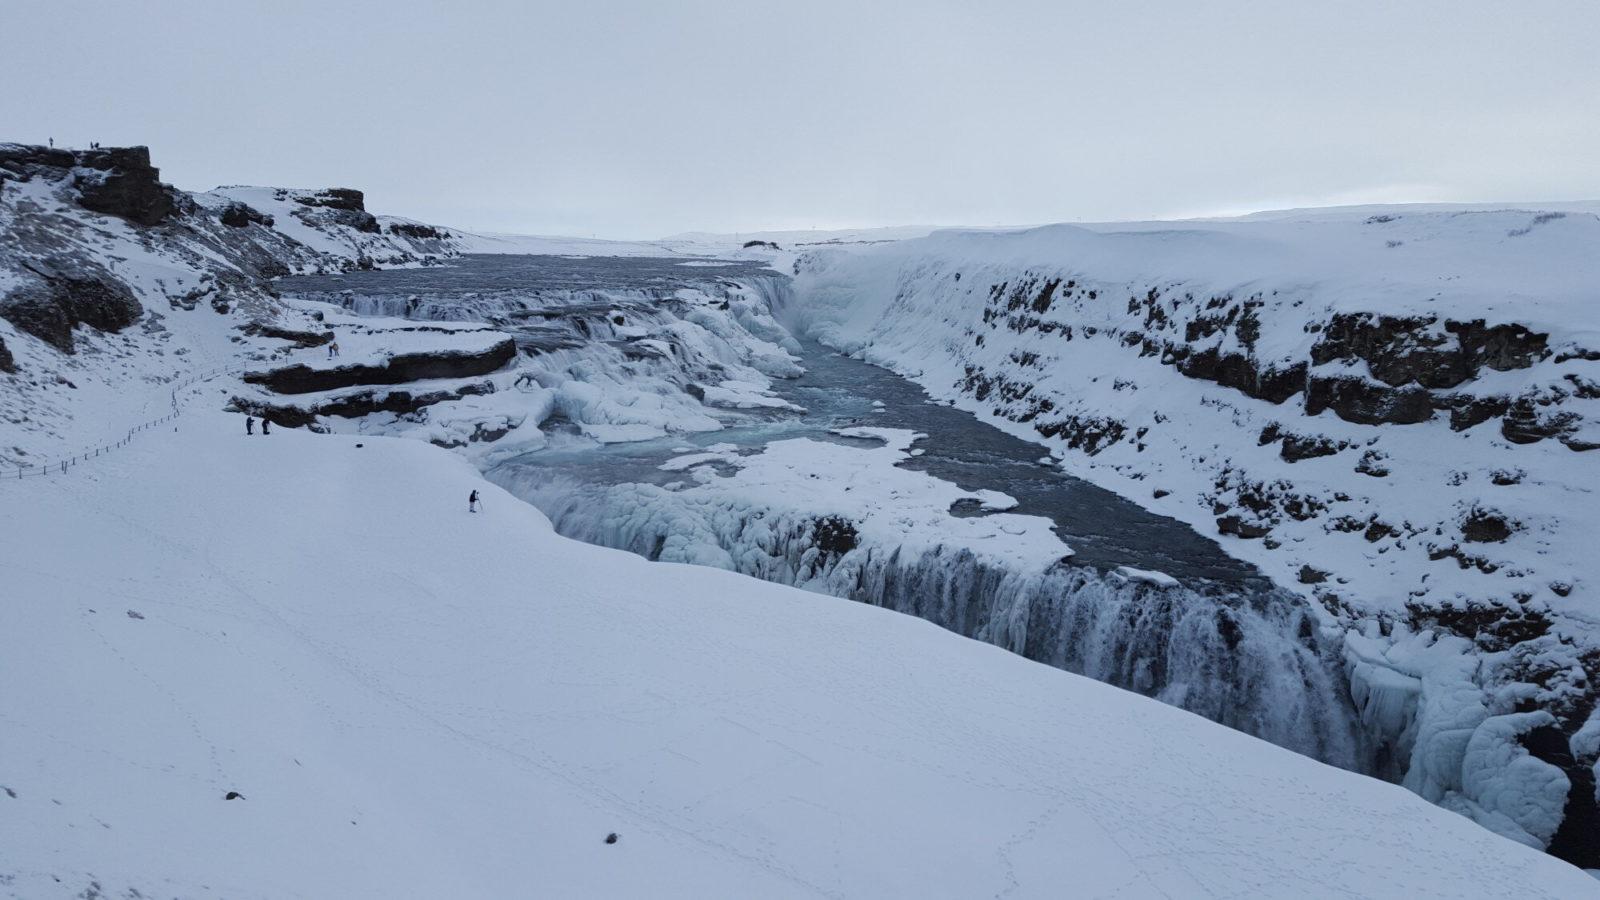 Gullfoss Waterfall in winter.